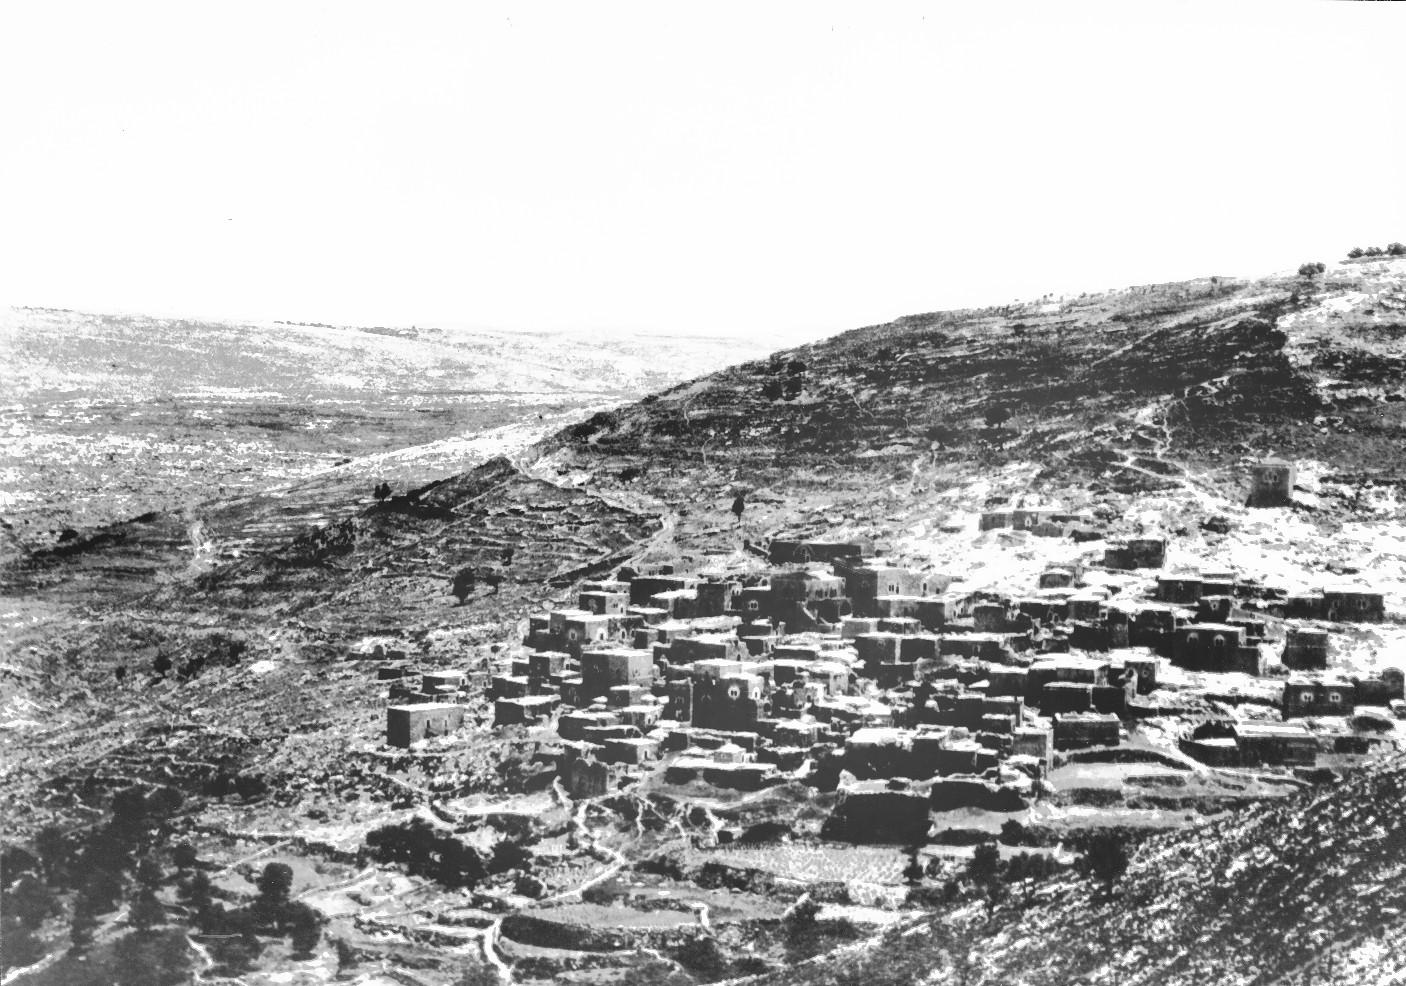 נוף הכפר ליפתא מהמדרון הדרום-מערבי